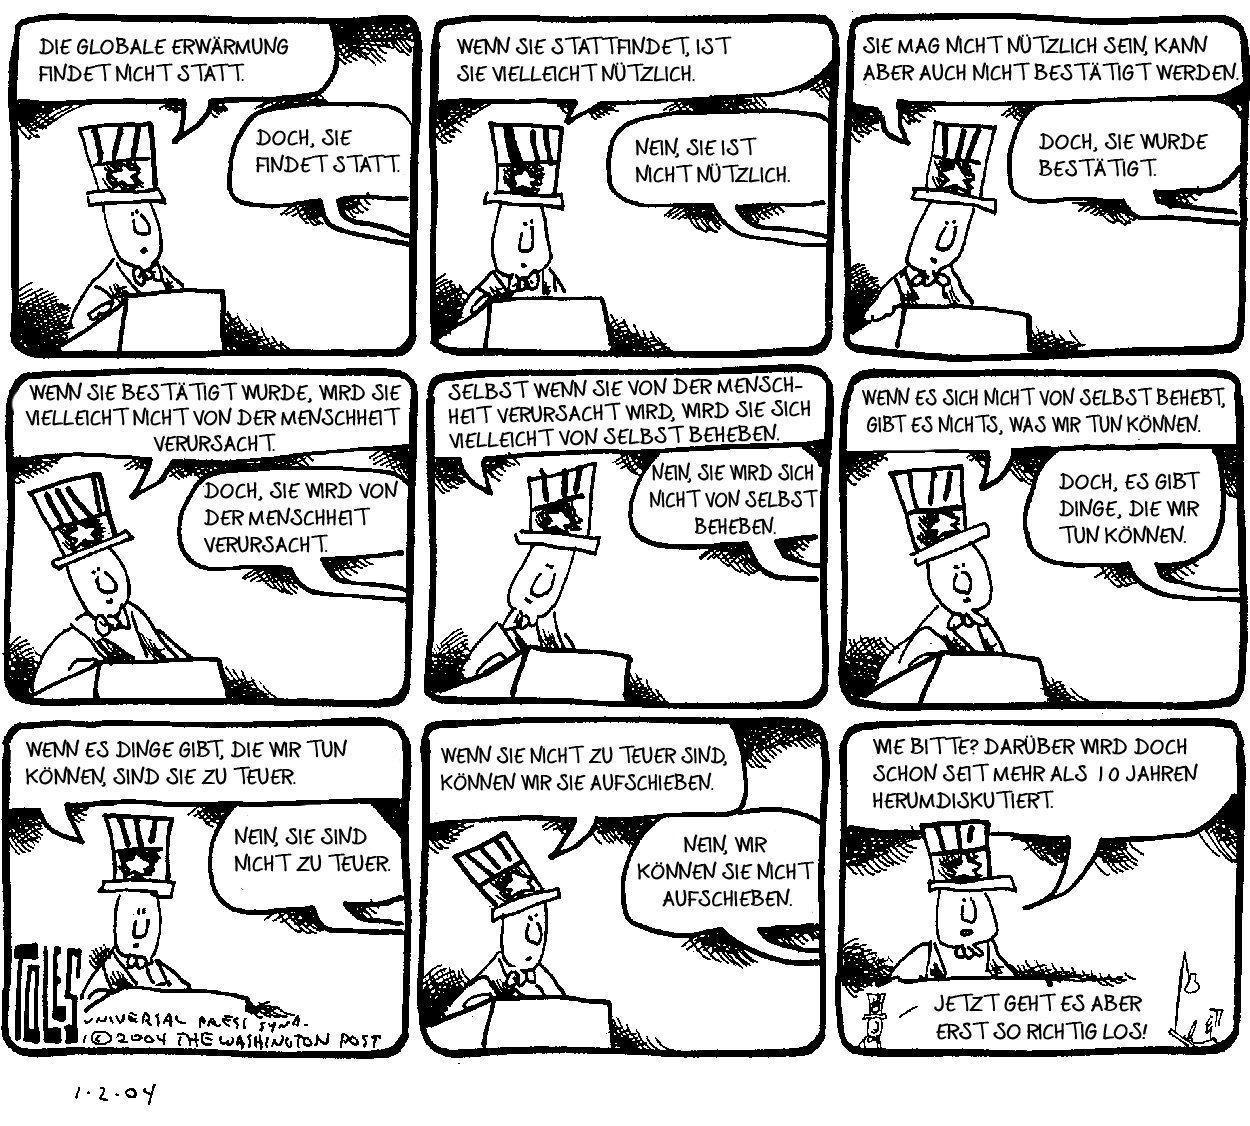 """Eine Karikatur. In neun Bildern bringt Onkel Sam am Rednerpult immer neue Gründe vor, warum der Klimawandel keine Problem ist, und wird jeweils aus dem Off korrigiert. – Die Stufen der Verleugnung. Entnommen aus """"Der Tollhauseffekt"""" (2018),"""